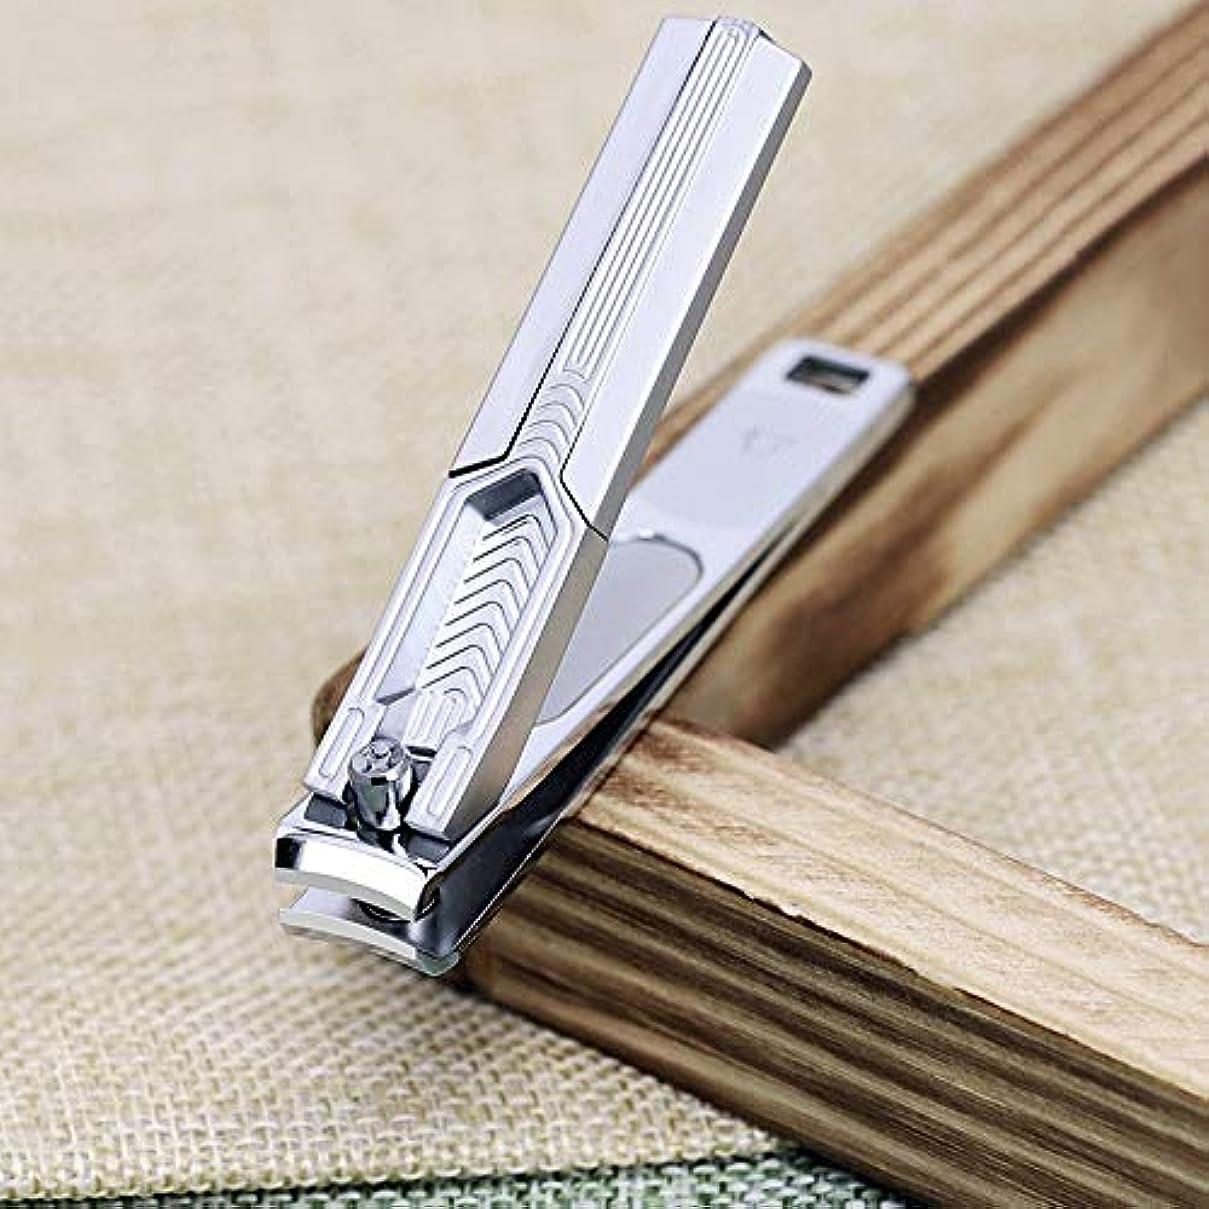 ネイルクリッパーセット、爪&足の爪切り、大人のための耐久性のある鋭いステンレス鋼のネイルカッター Blingstars